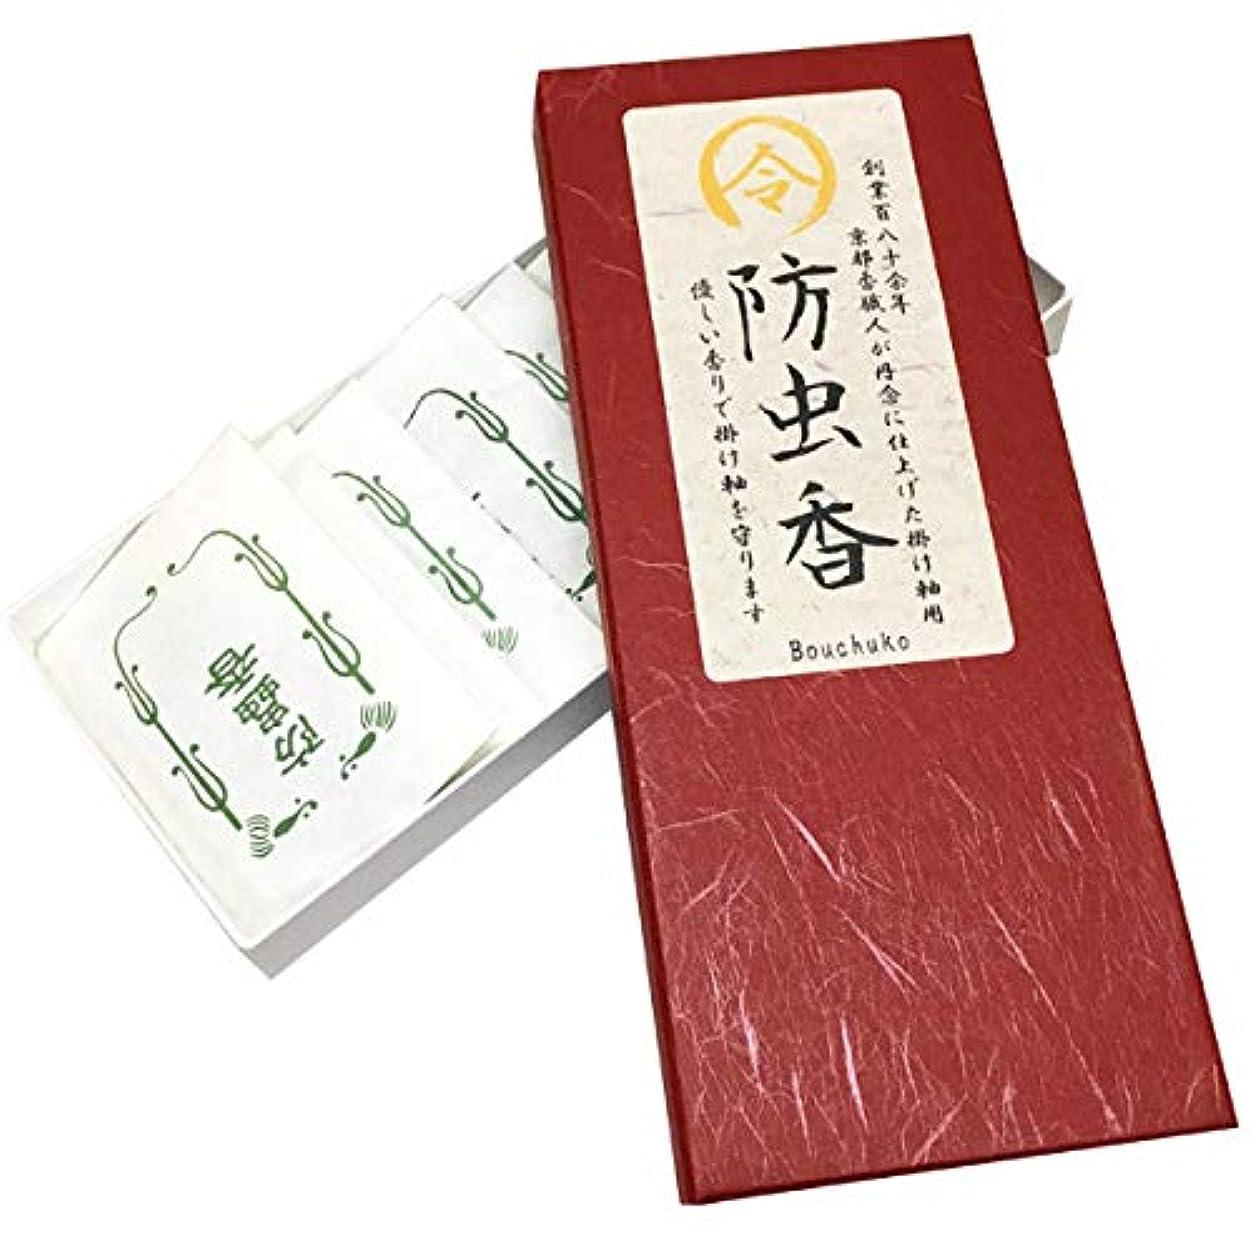 この凝縮する送った掛け軸用 表具用 高級香 令和印の掛軸防虫香(白檀香) 1箱10袋入り